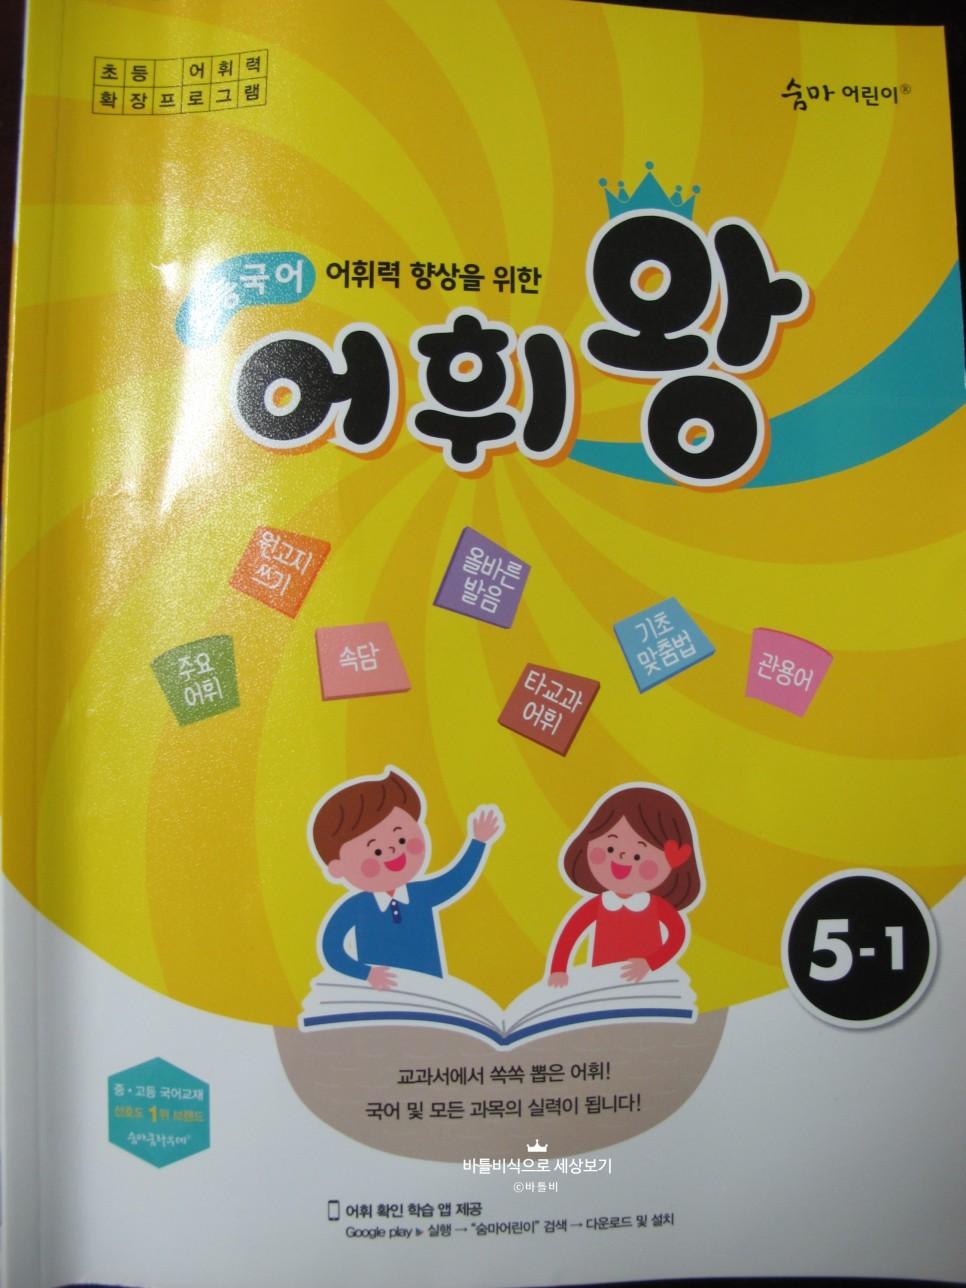 SE-4d32988e-3043-4bb1-ae05-8e635e04eeee (1).jpg